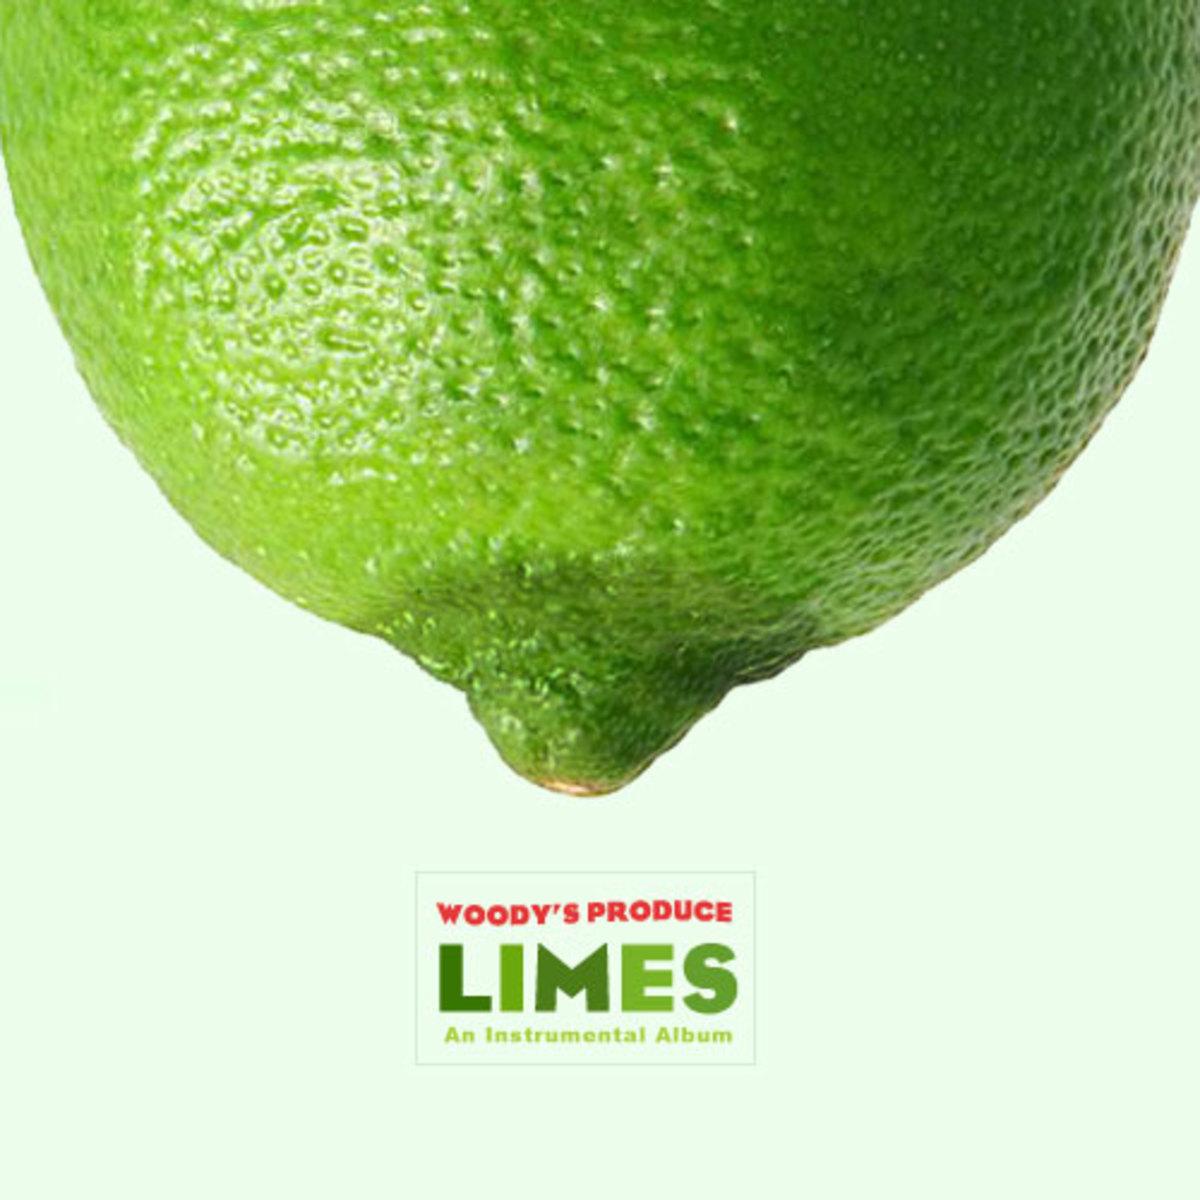 woody-limes.jpg